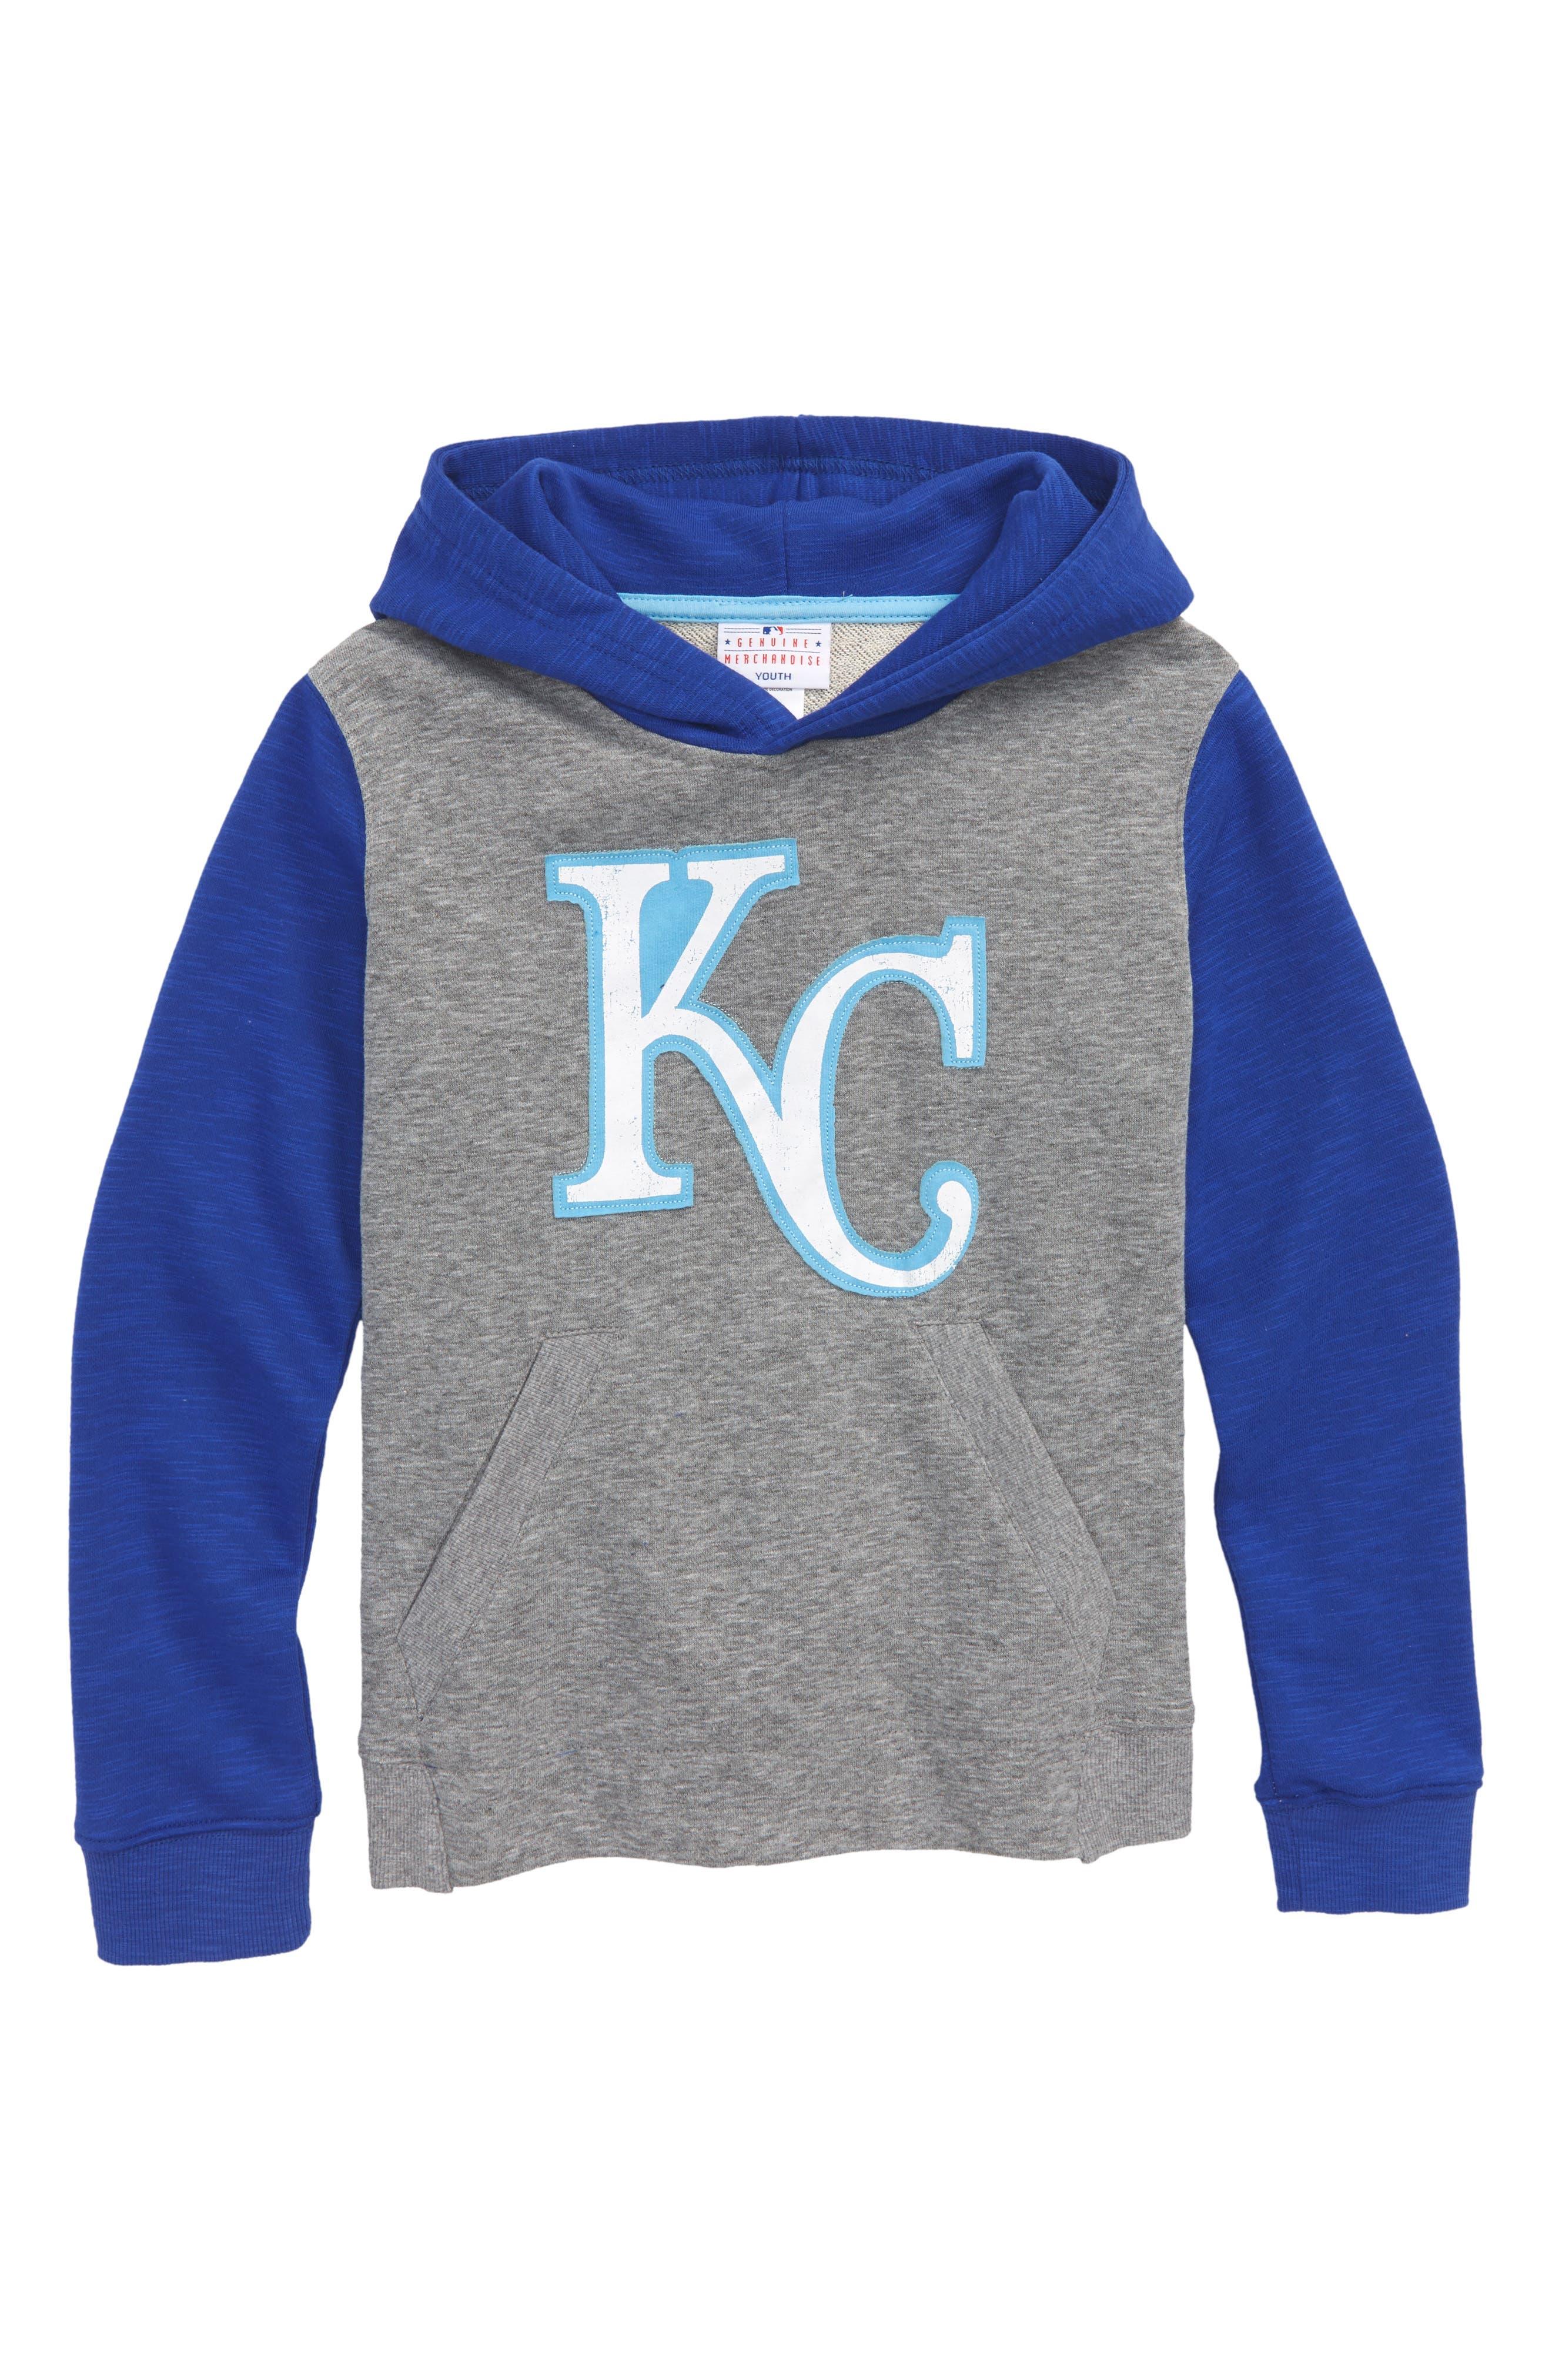 New Beginnings - Kansas City Royals Pullover Hoodie,                             Main thumbnail 1, color,                             Gray